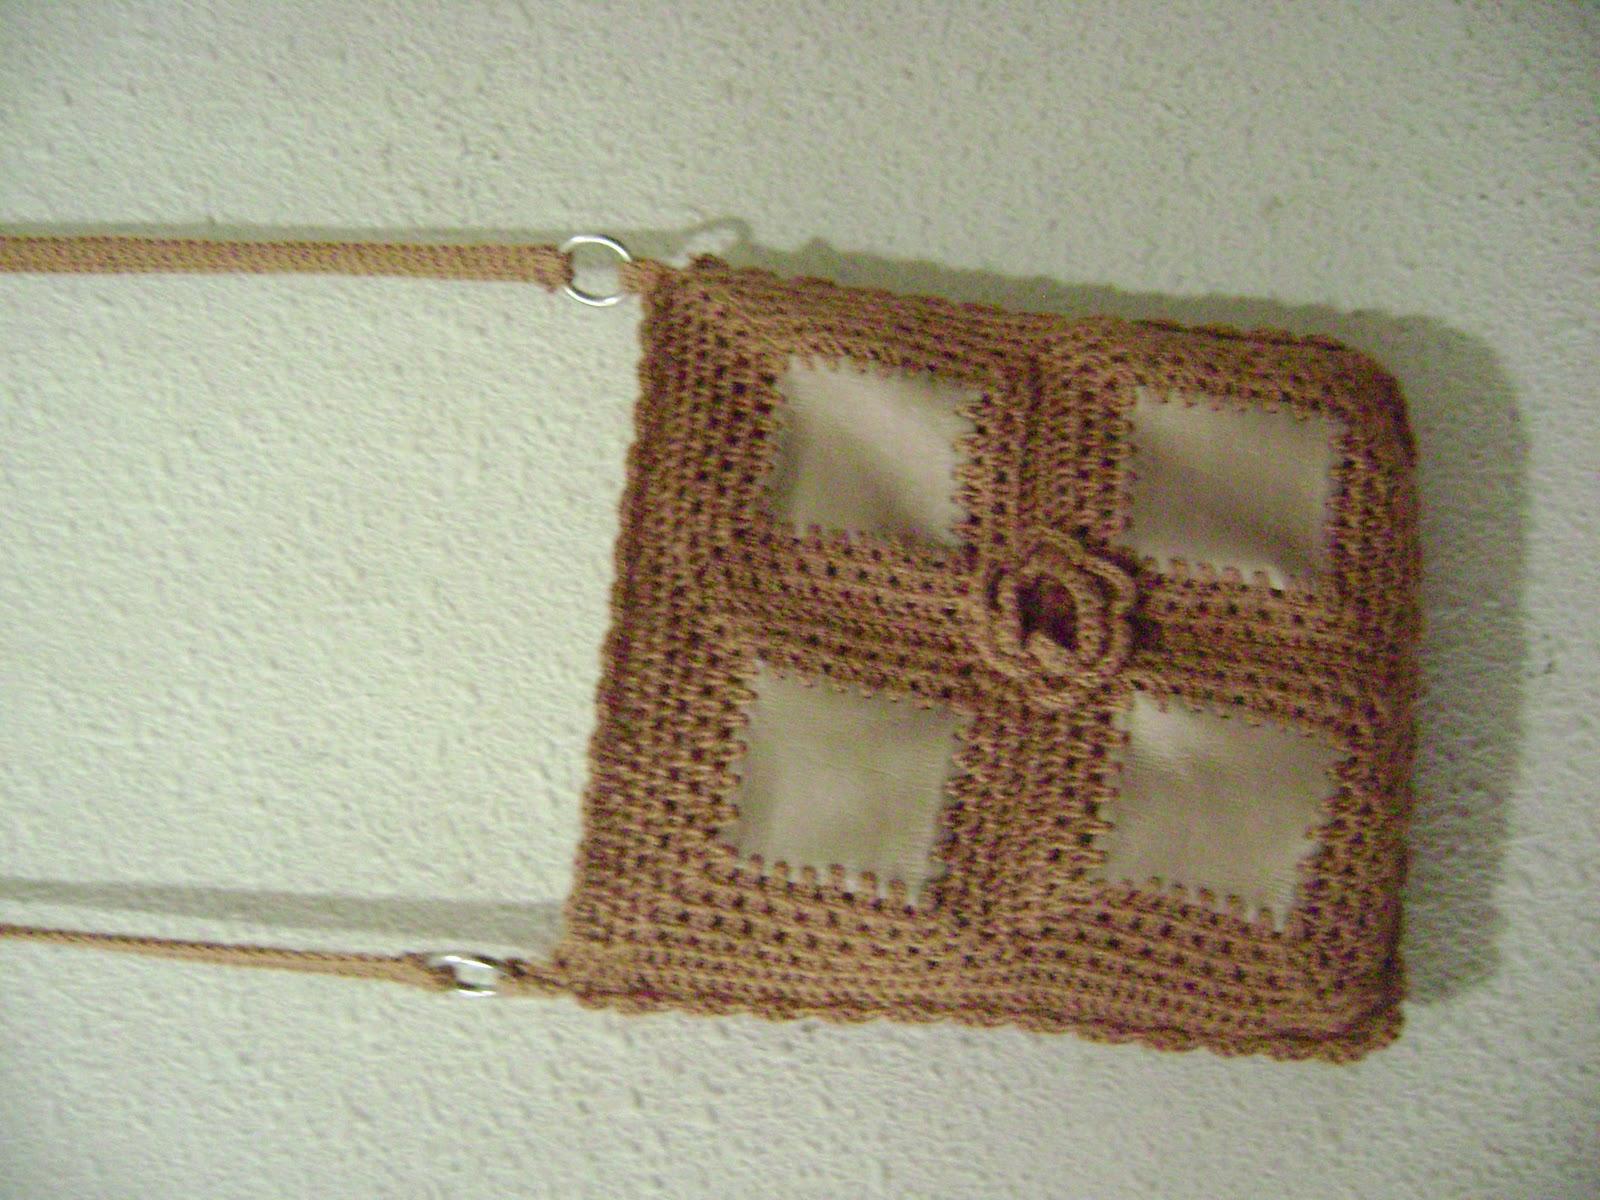 Manualidades en crochet car interior design - Manualidades con hilo ...